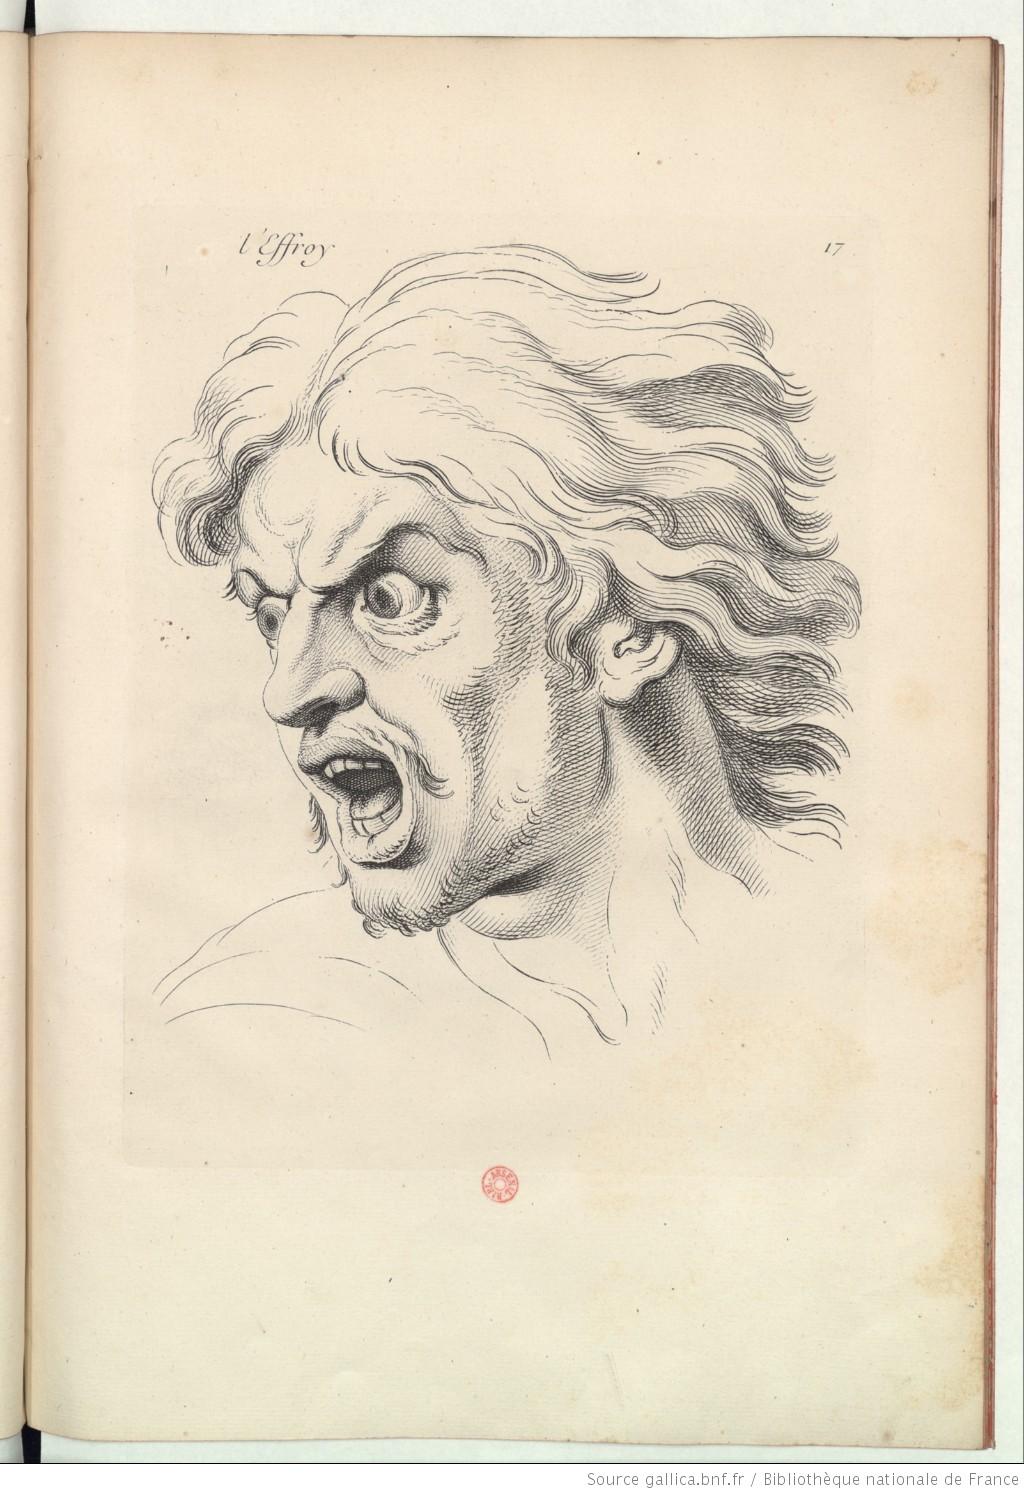 L'Effroi de Charles Le Brun